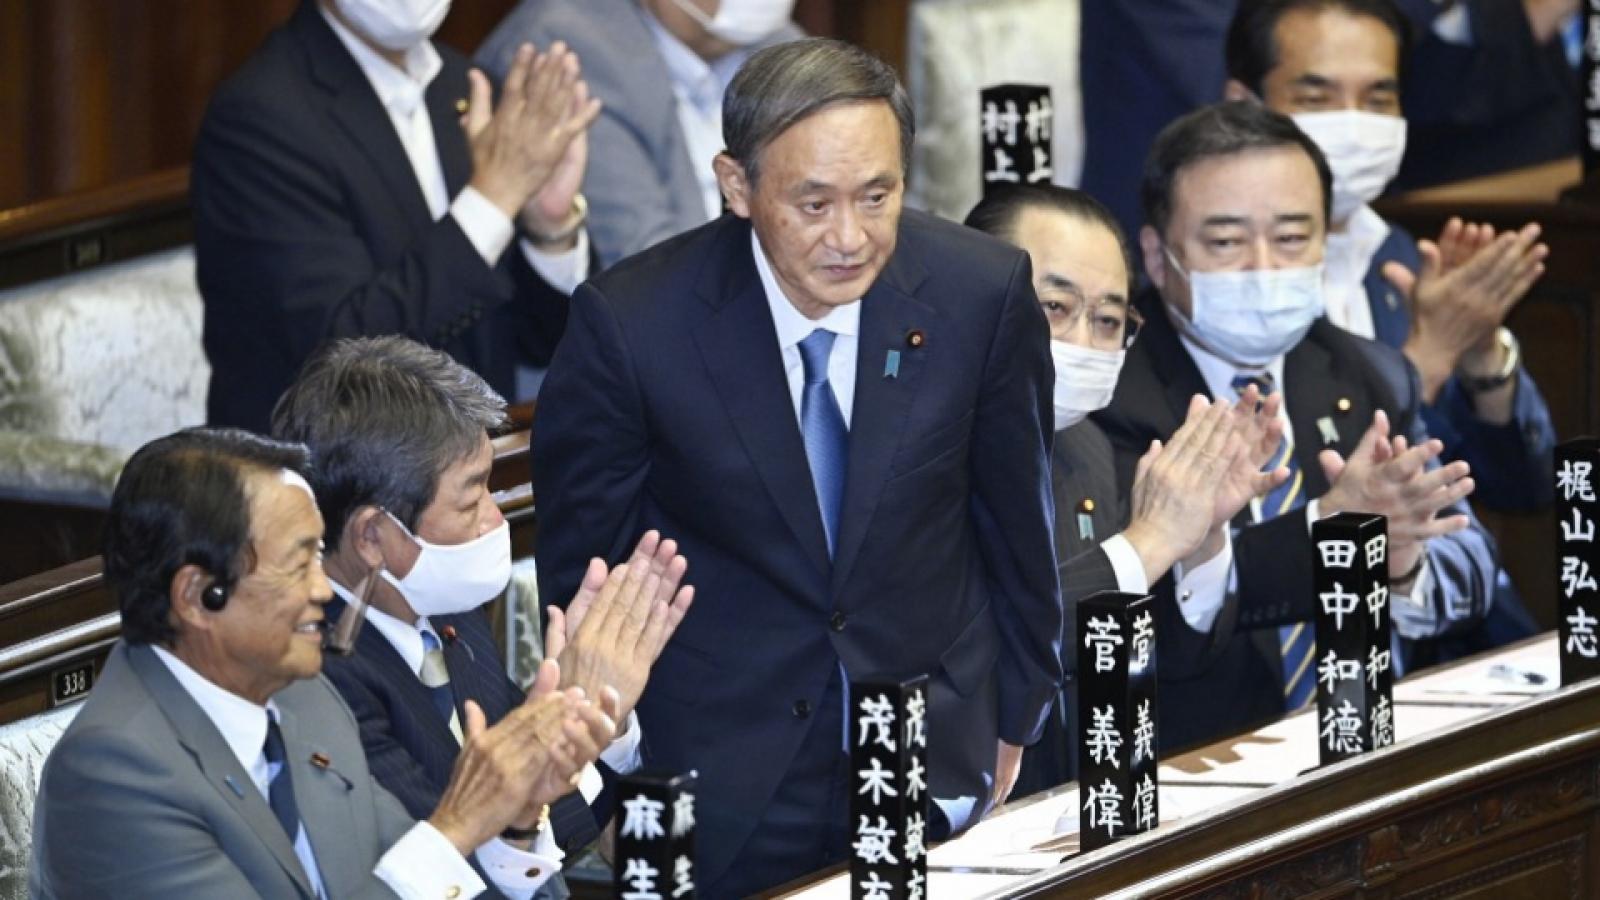 Các nước sẵn sàng hợp tác với chính phủ mới của Nhật Bản